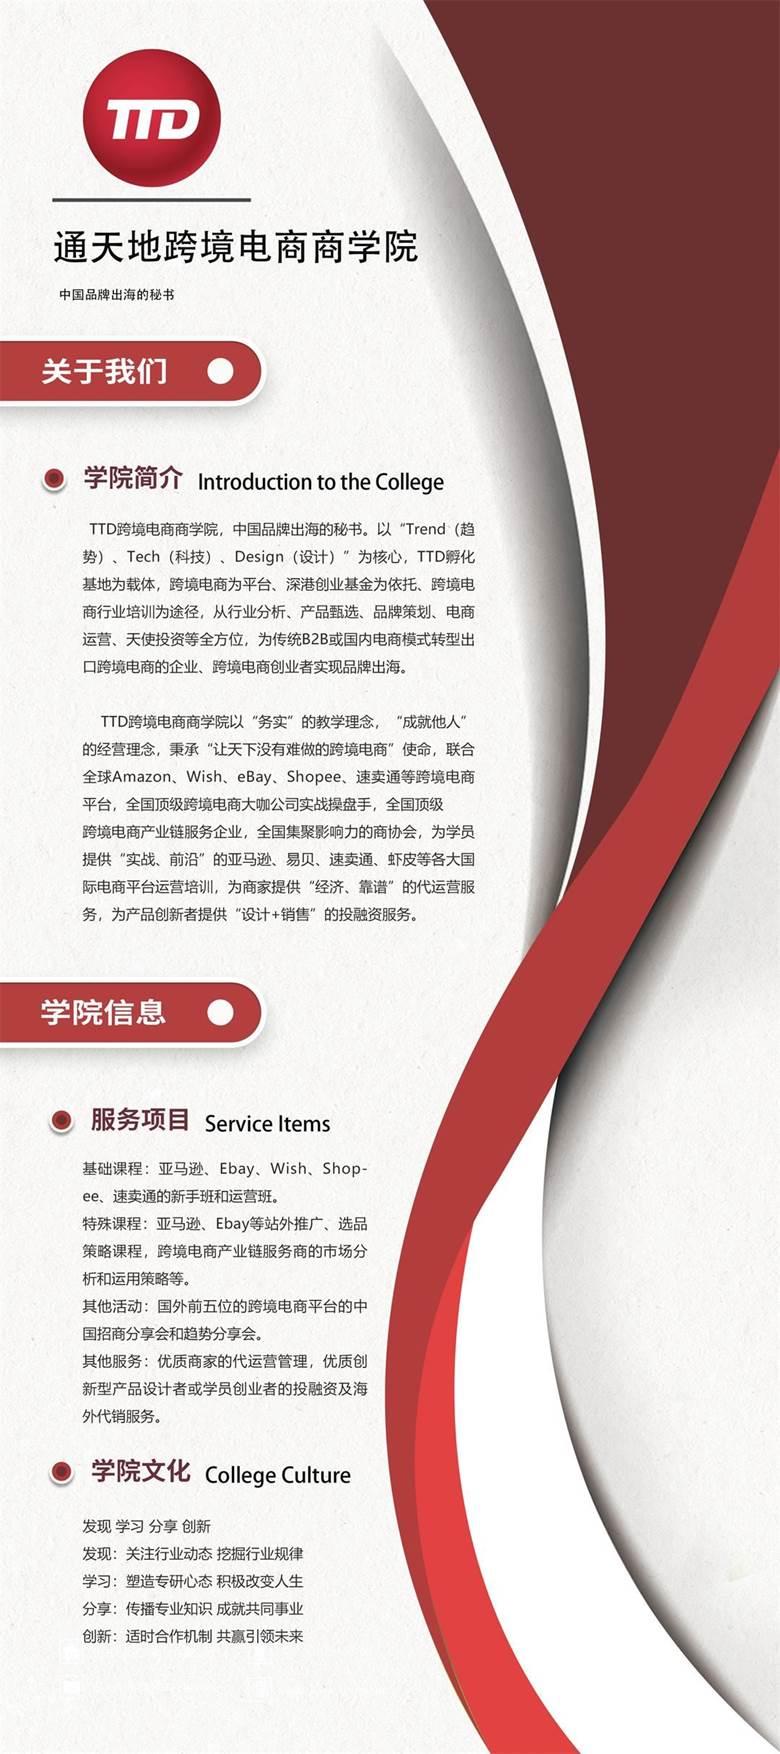 1简介:20190806 TTD跨境电商商学院简介海报图片.jpg